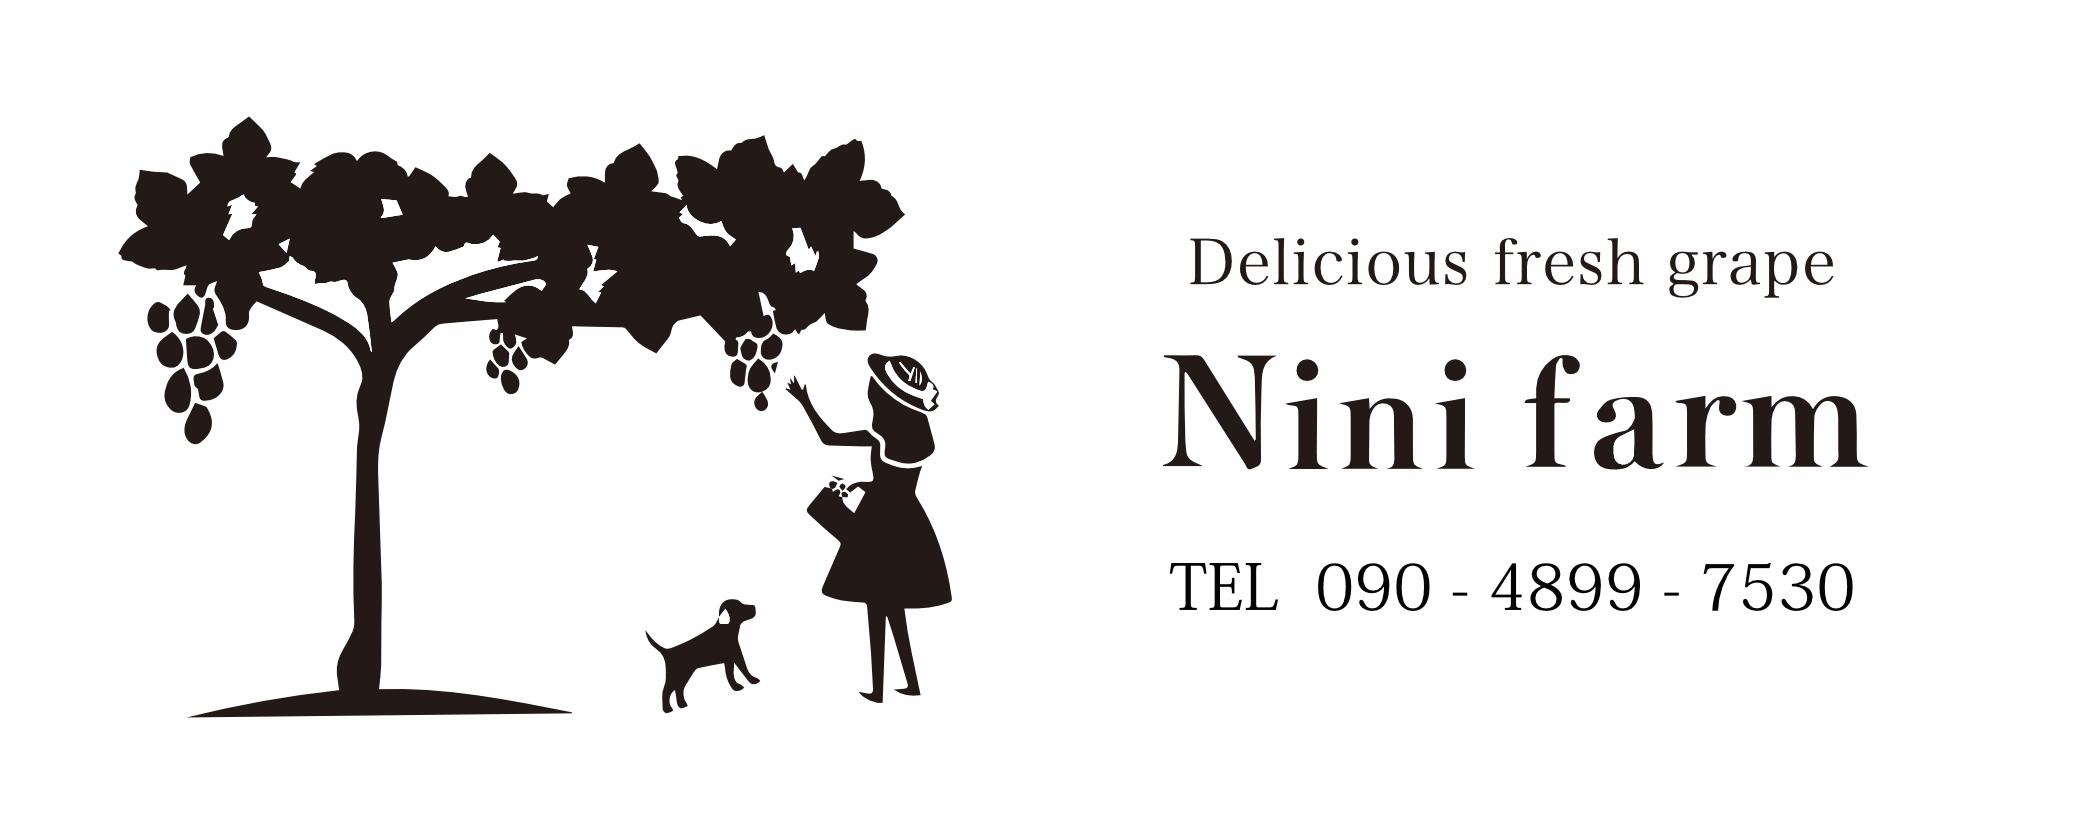 ぶどう農園 Nini farm オンラインショップ